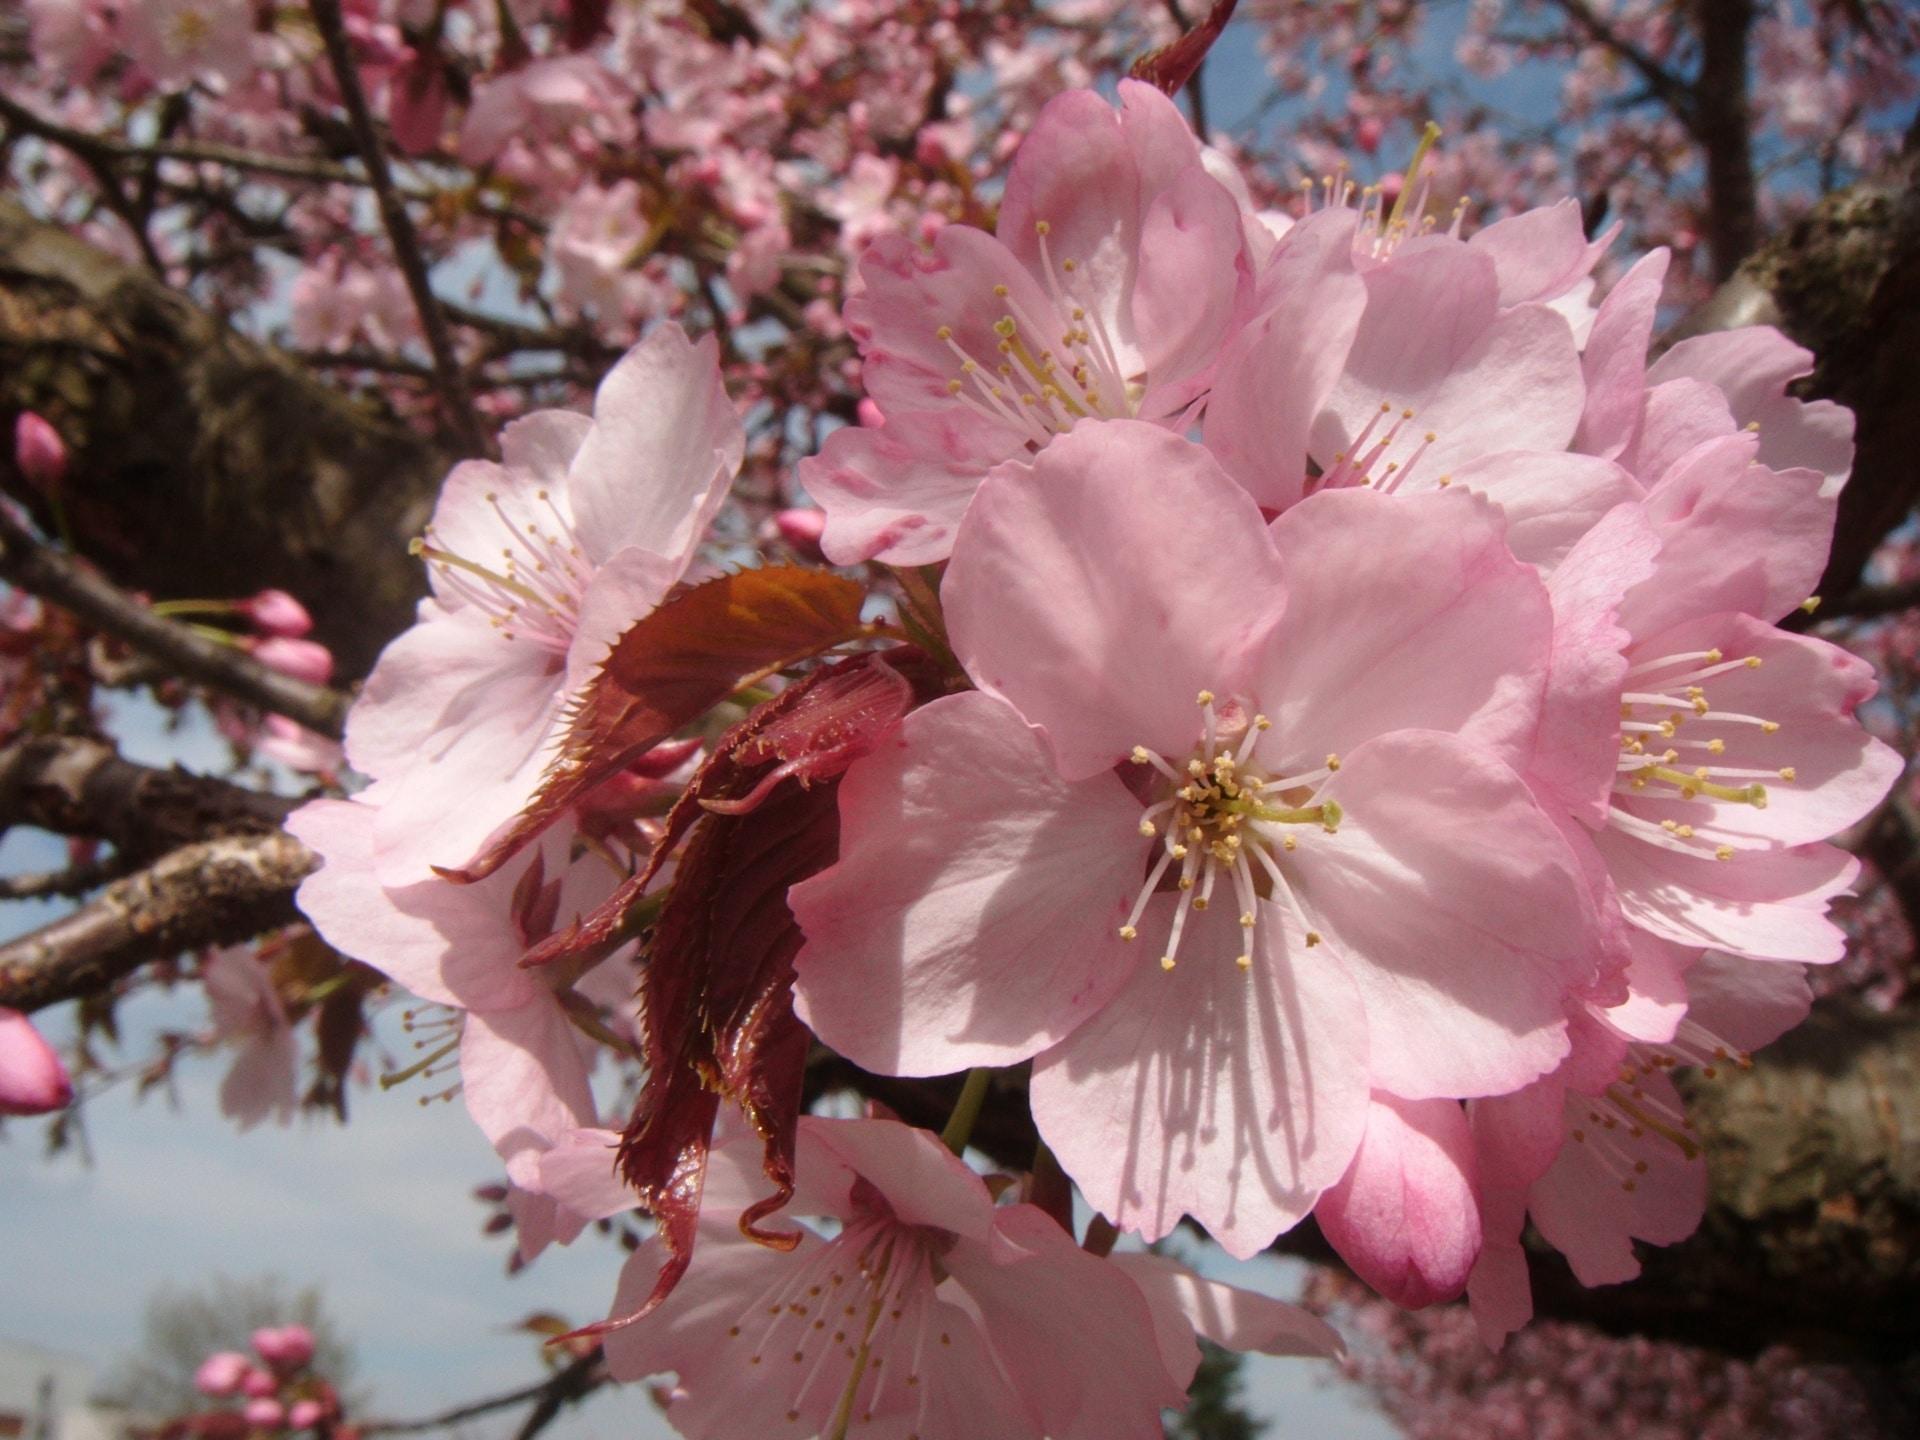 La flor de sakura es una de las flores japonesas más populares